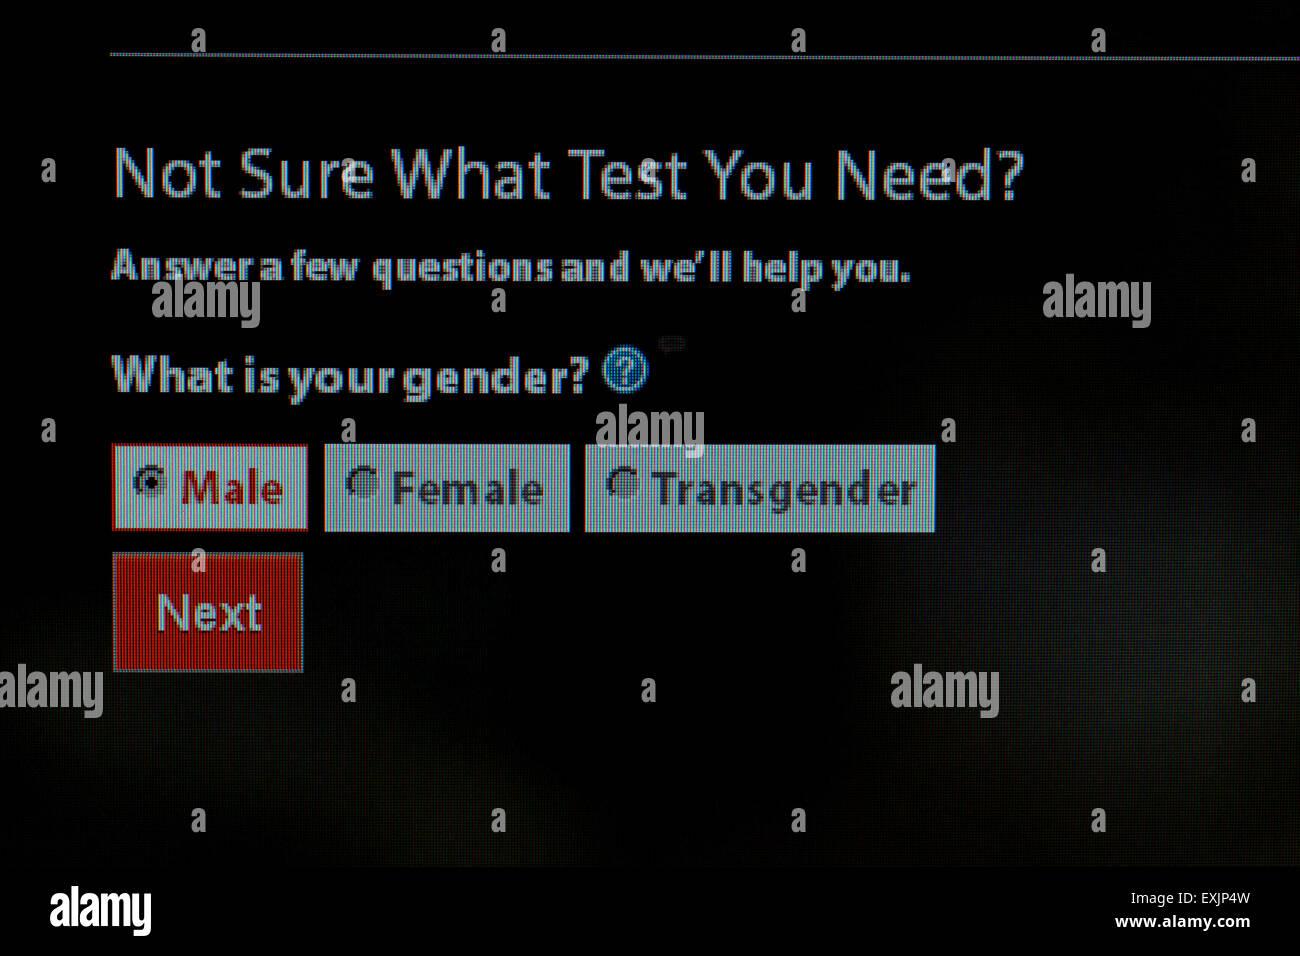 Le choix du sexe de l'homme, femme, et transgenre, sur le VIH / dépistage des MTS d'information sur Photo Stock